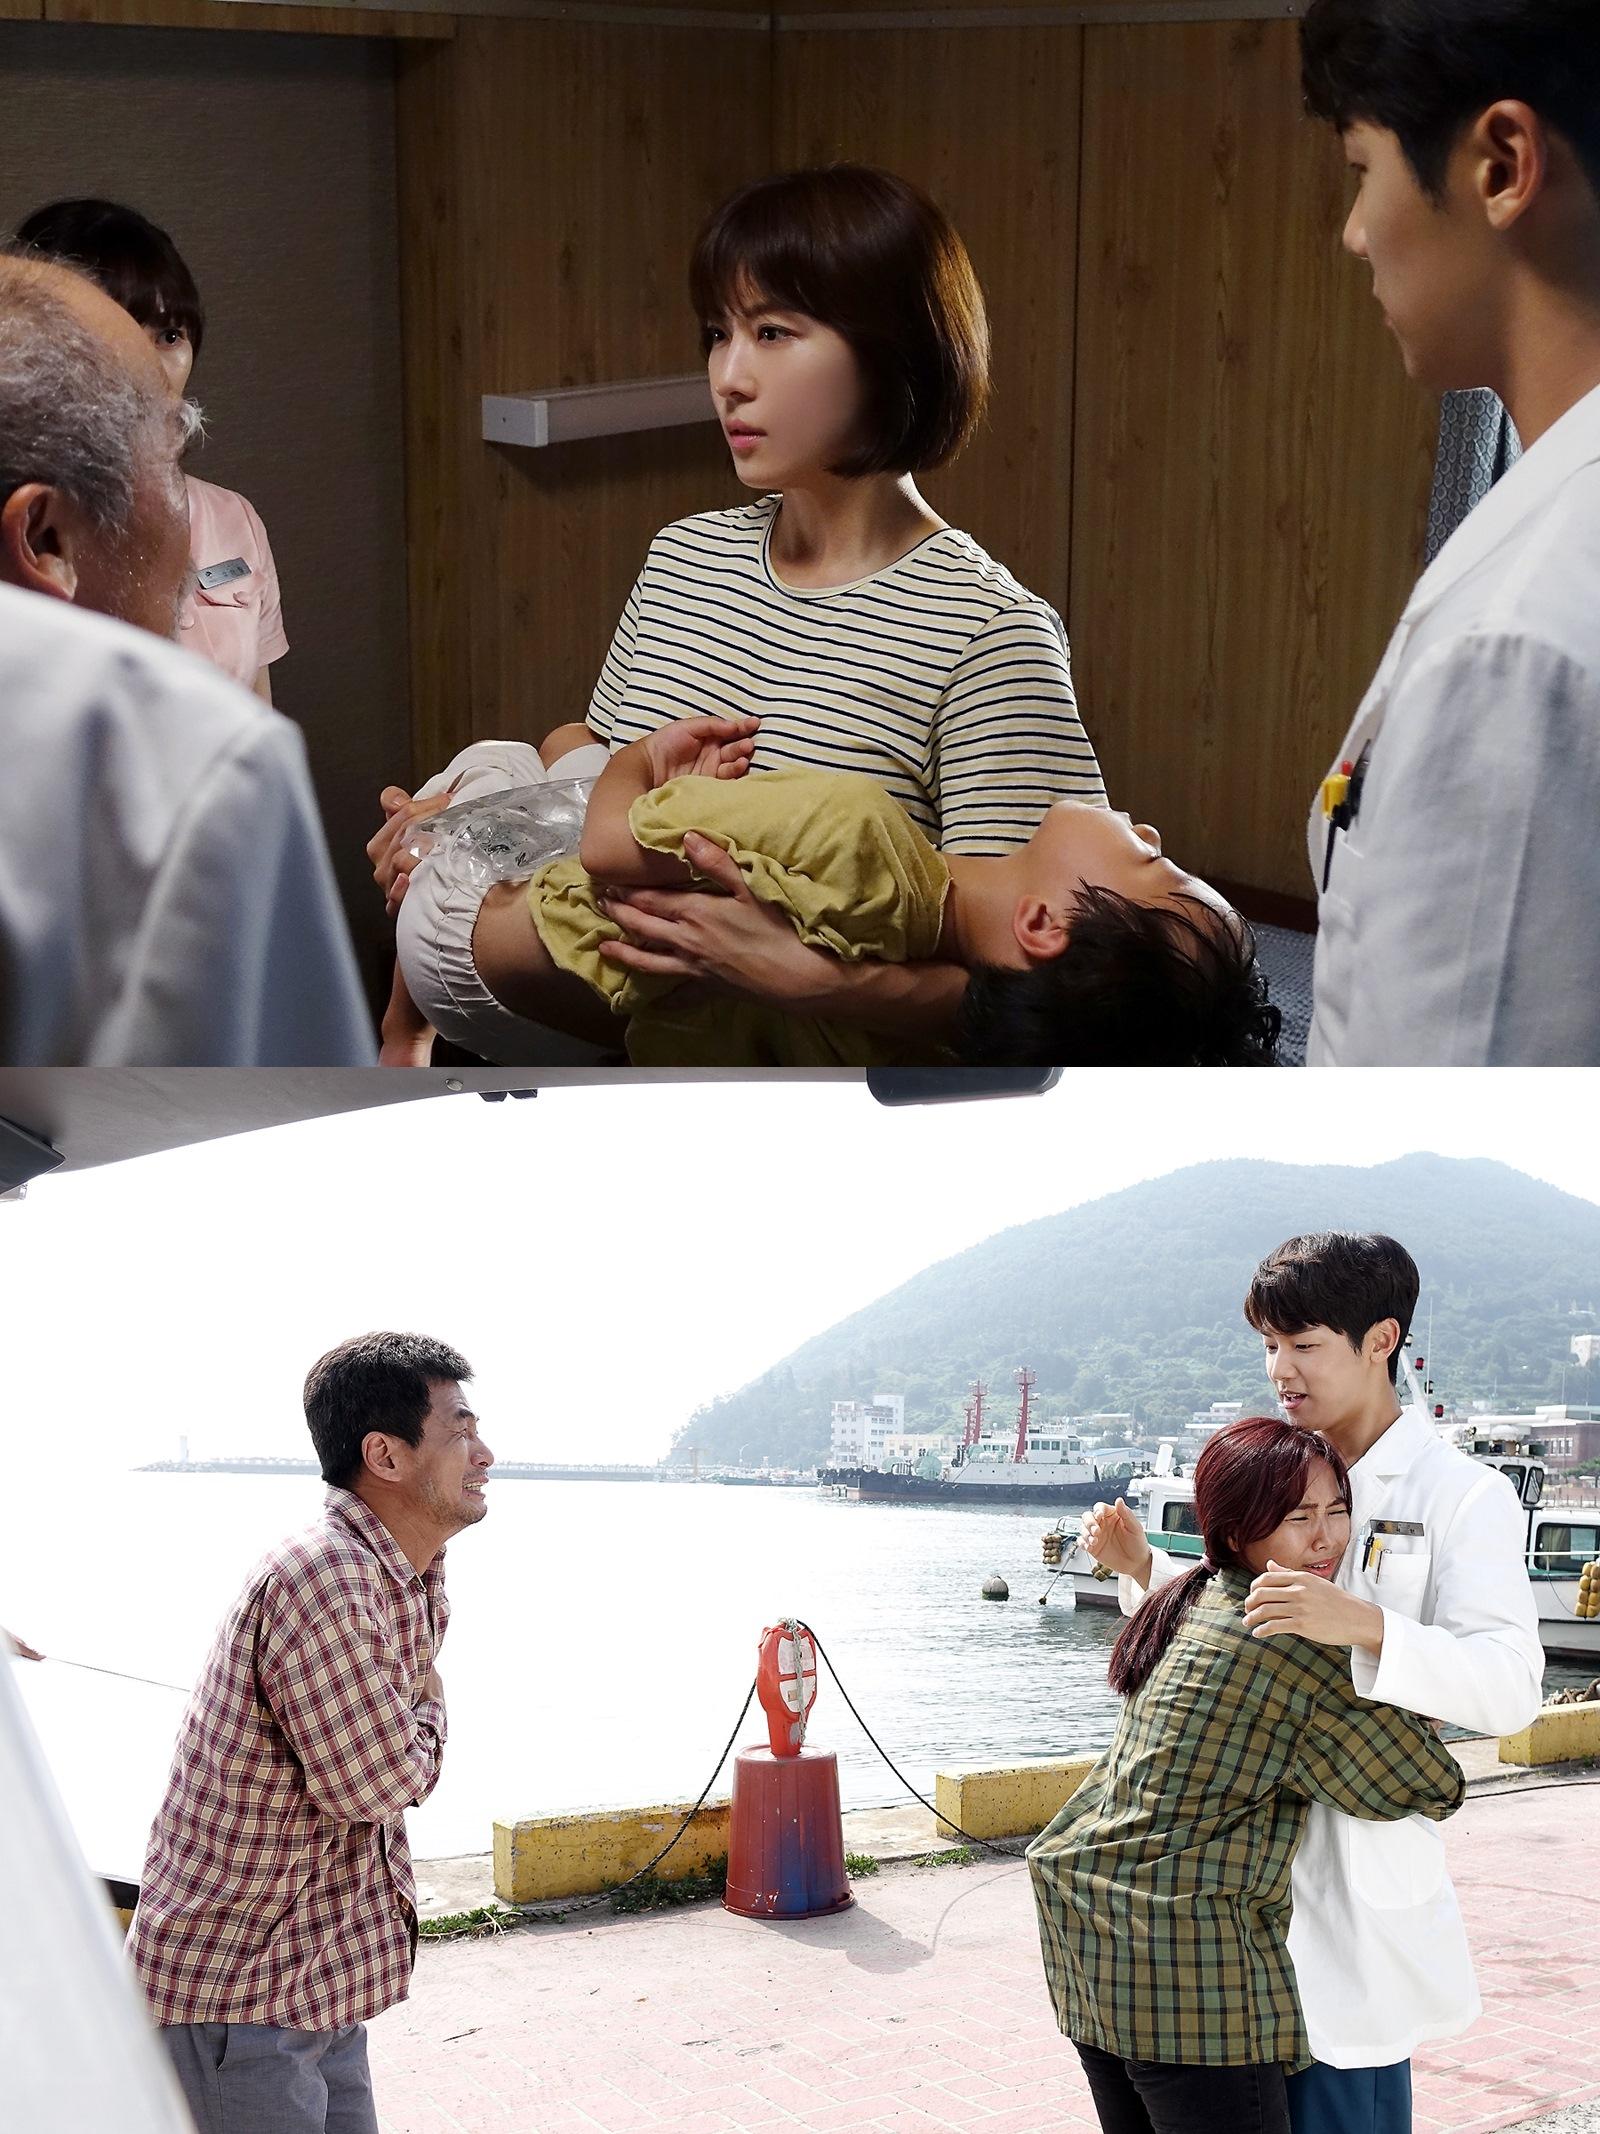 <병원선> 윤선주 작가가 그리는 의사와 환자가 '서로 치유받는 이야기' 이미지-1